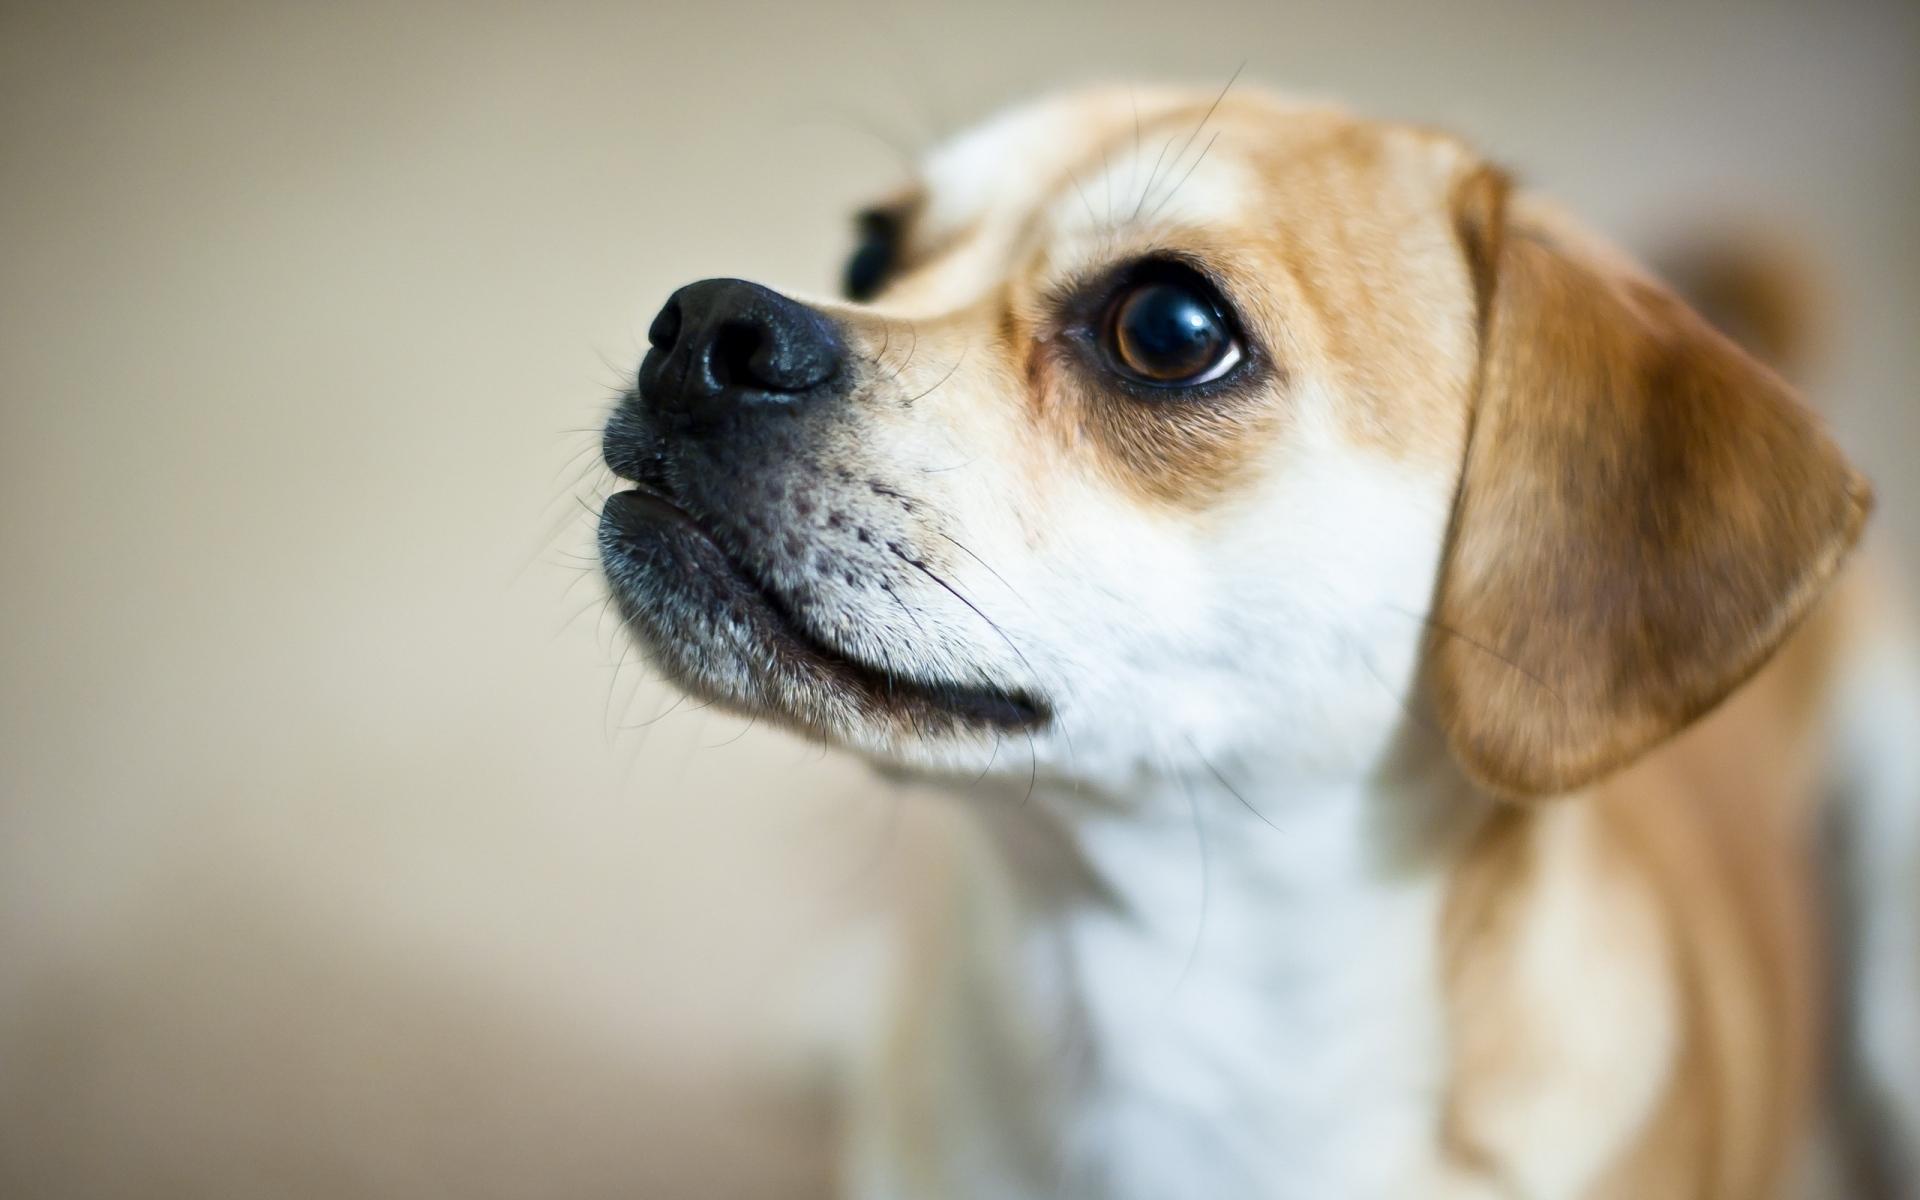 Картинки Собака, глаза, щенок, ребенок, большие глаза фото и обои на рабочий стол